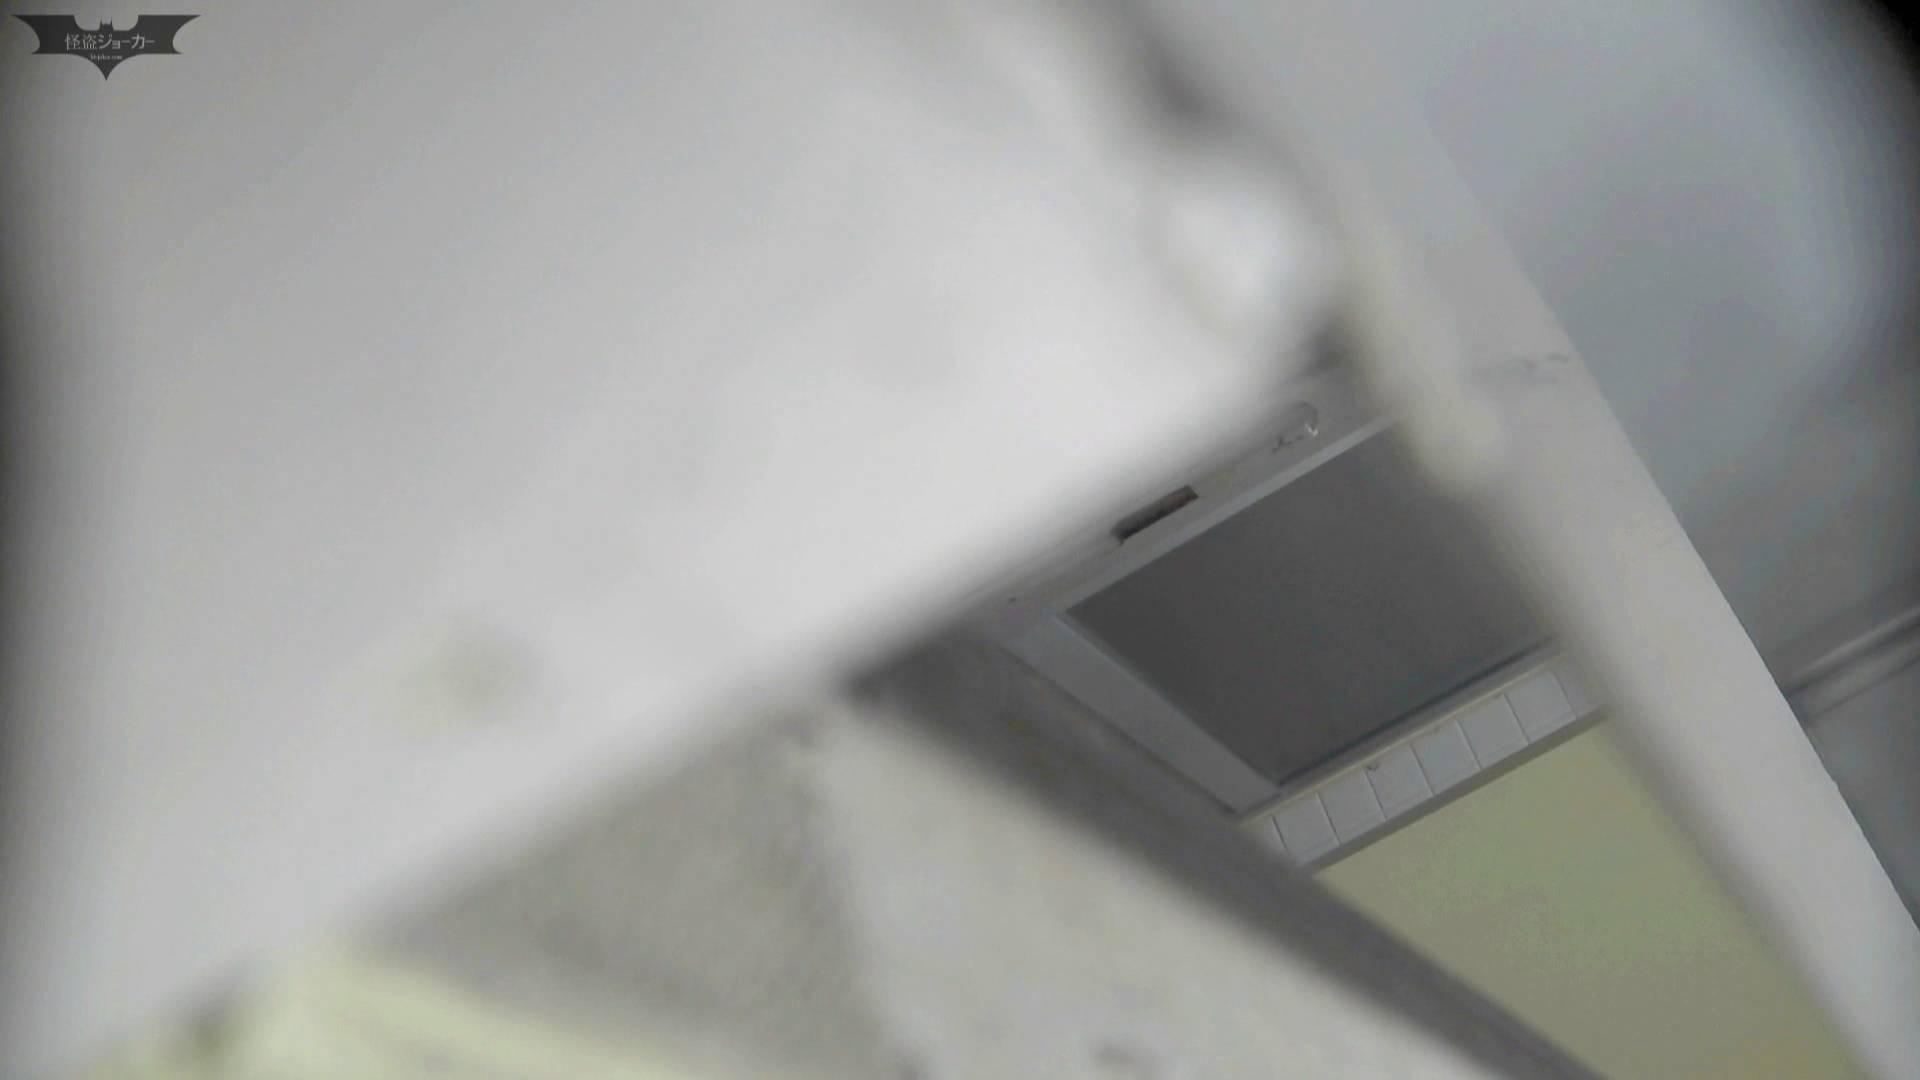 【潜入トイレ盗撮】洗面所特攻隊 vol.70 極上品の連続、歌いながら美女入室 盗撮エロすぎ | トイレ中  90連発 22